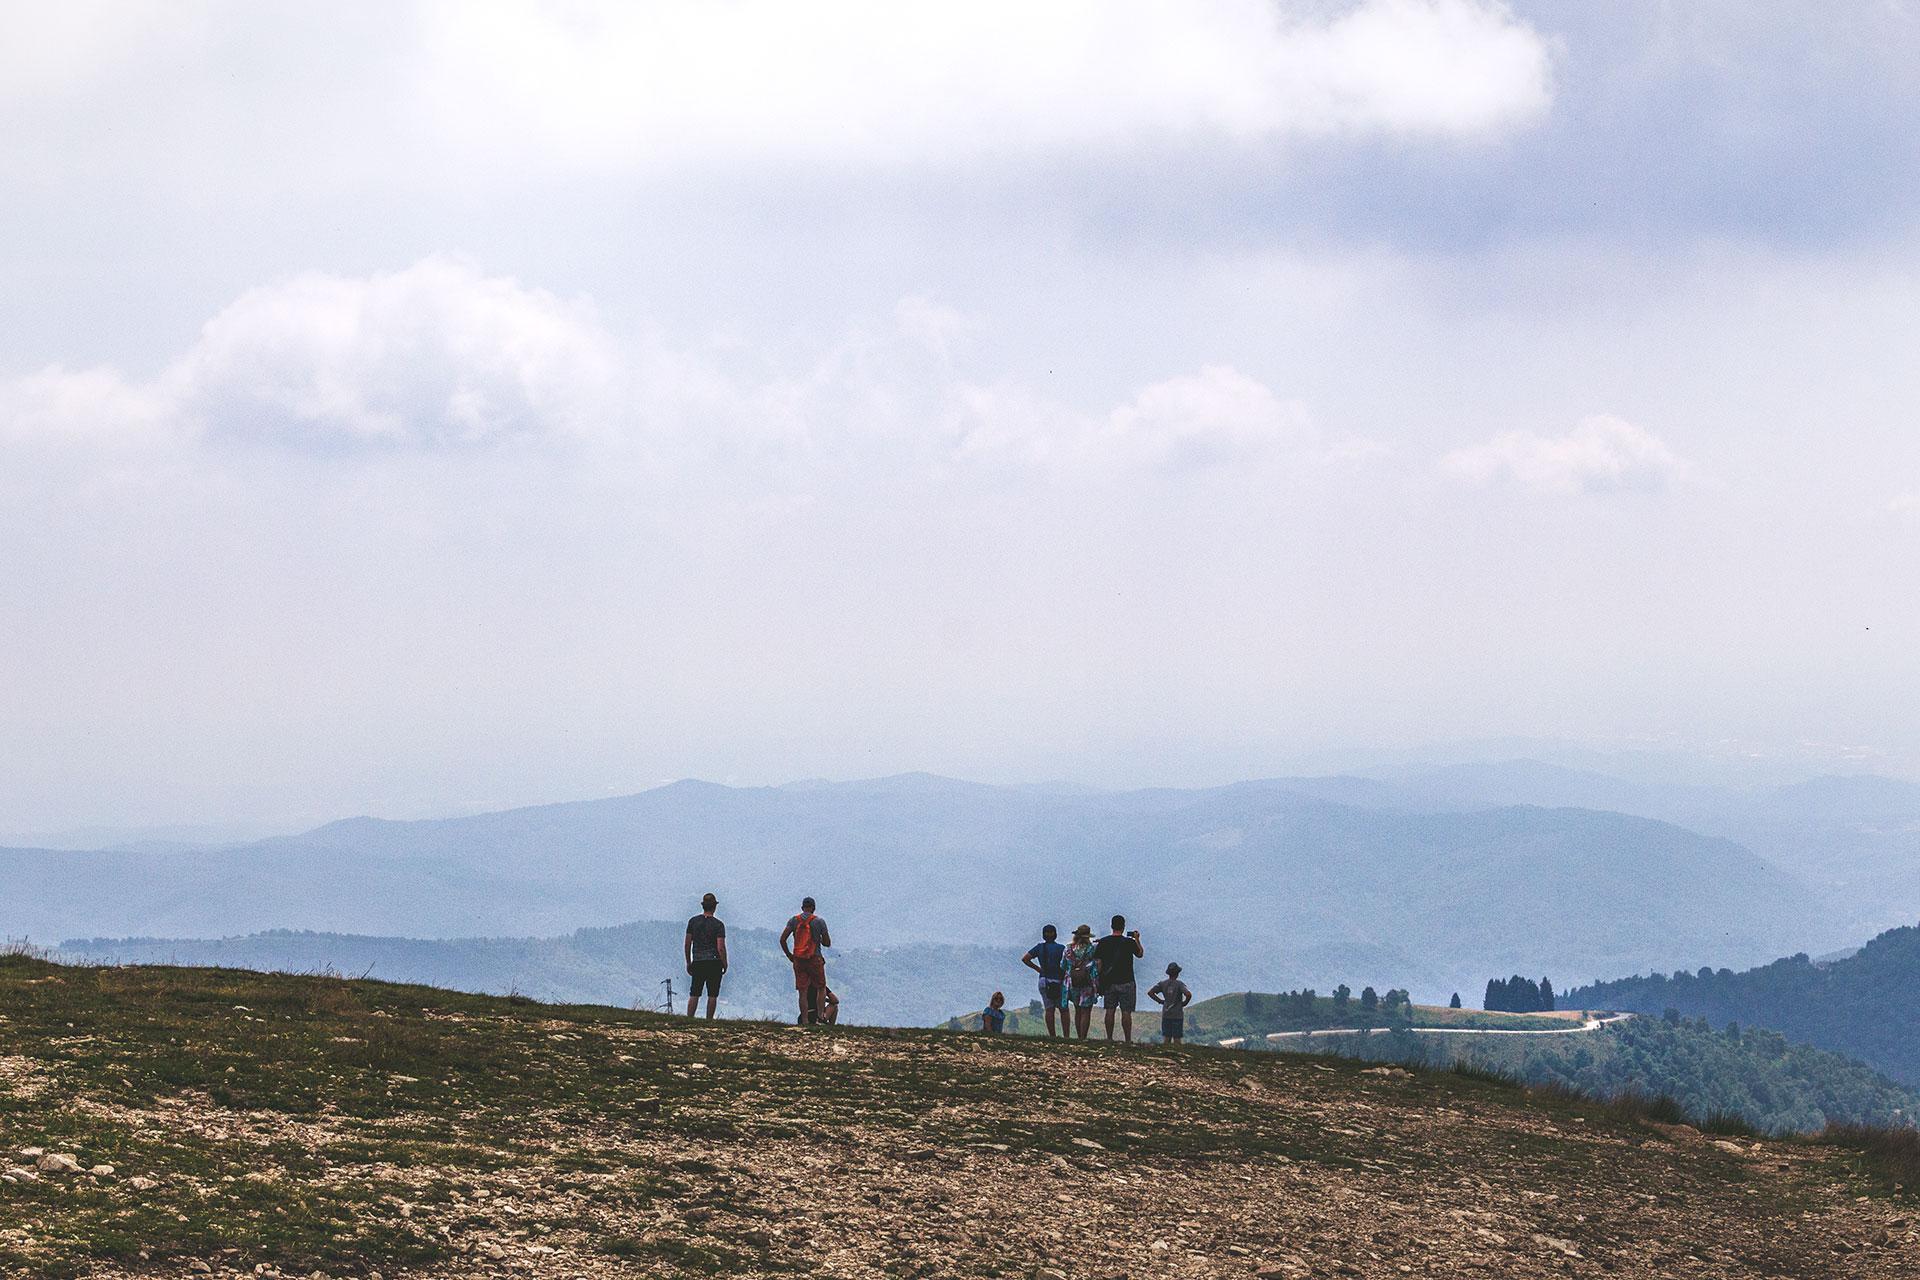 Auch bei diesiger Sicht einen Ausflug wert: auf dem Gipfel des Mt. Mottarone.